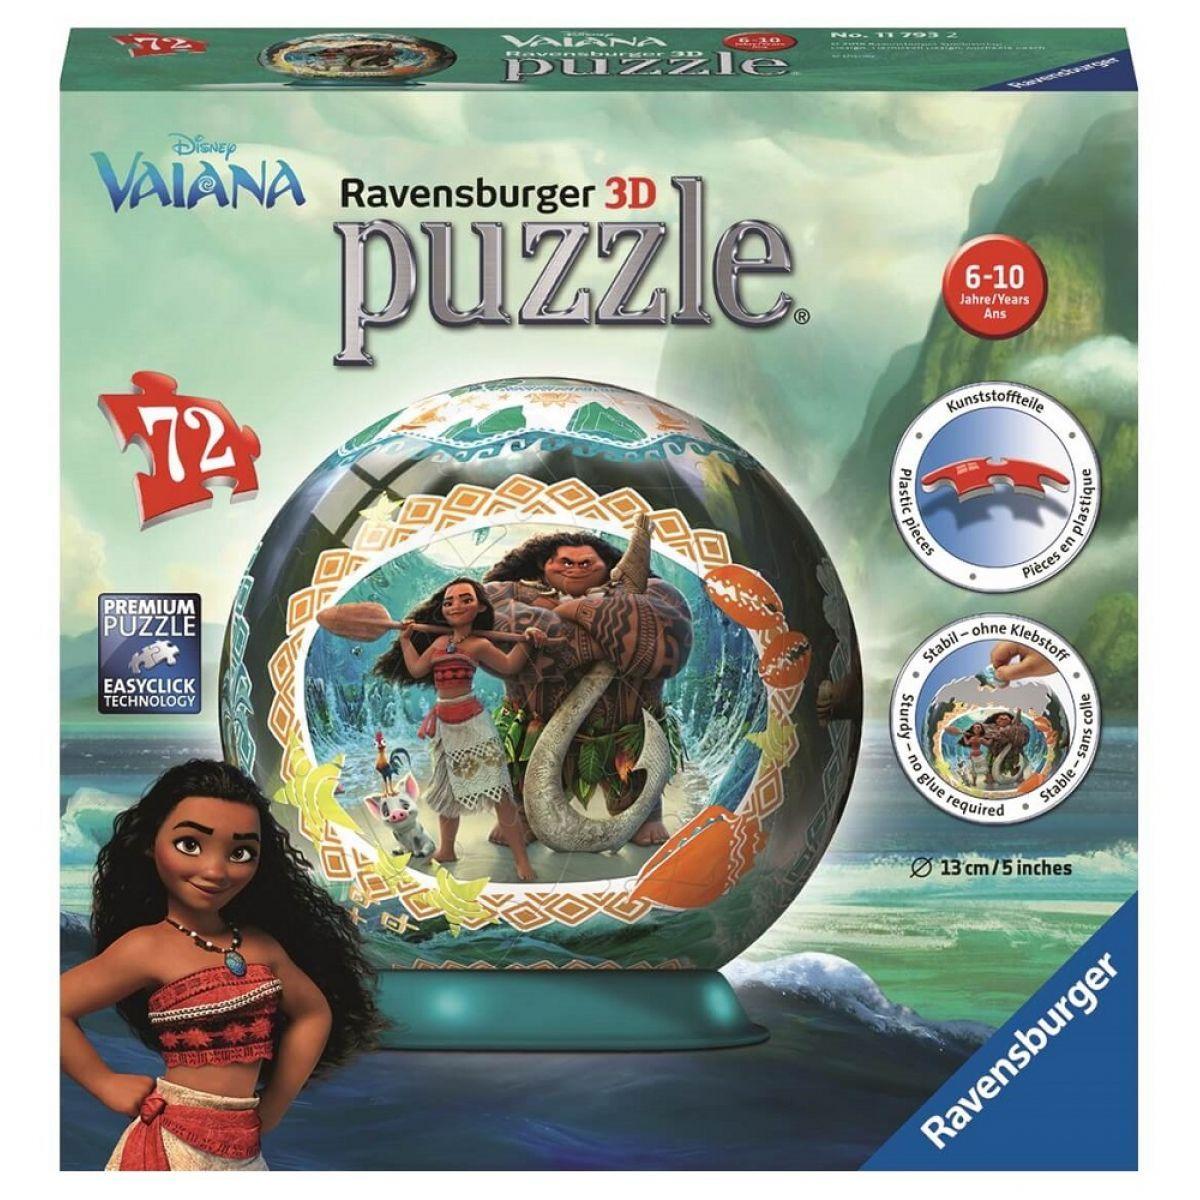 Ravensburger 3D Puzzle Disney Vaiana 72 dílků